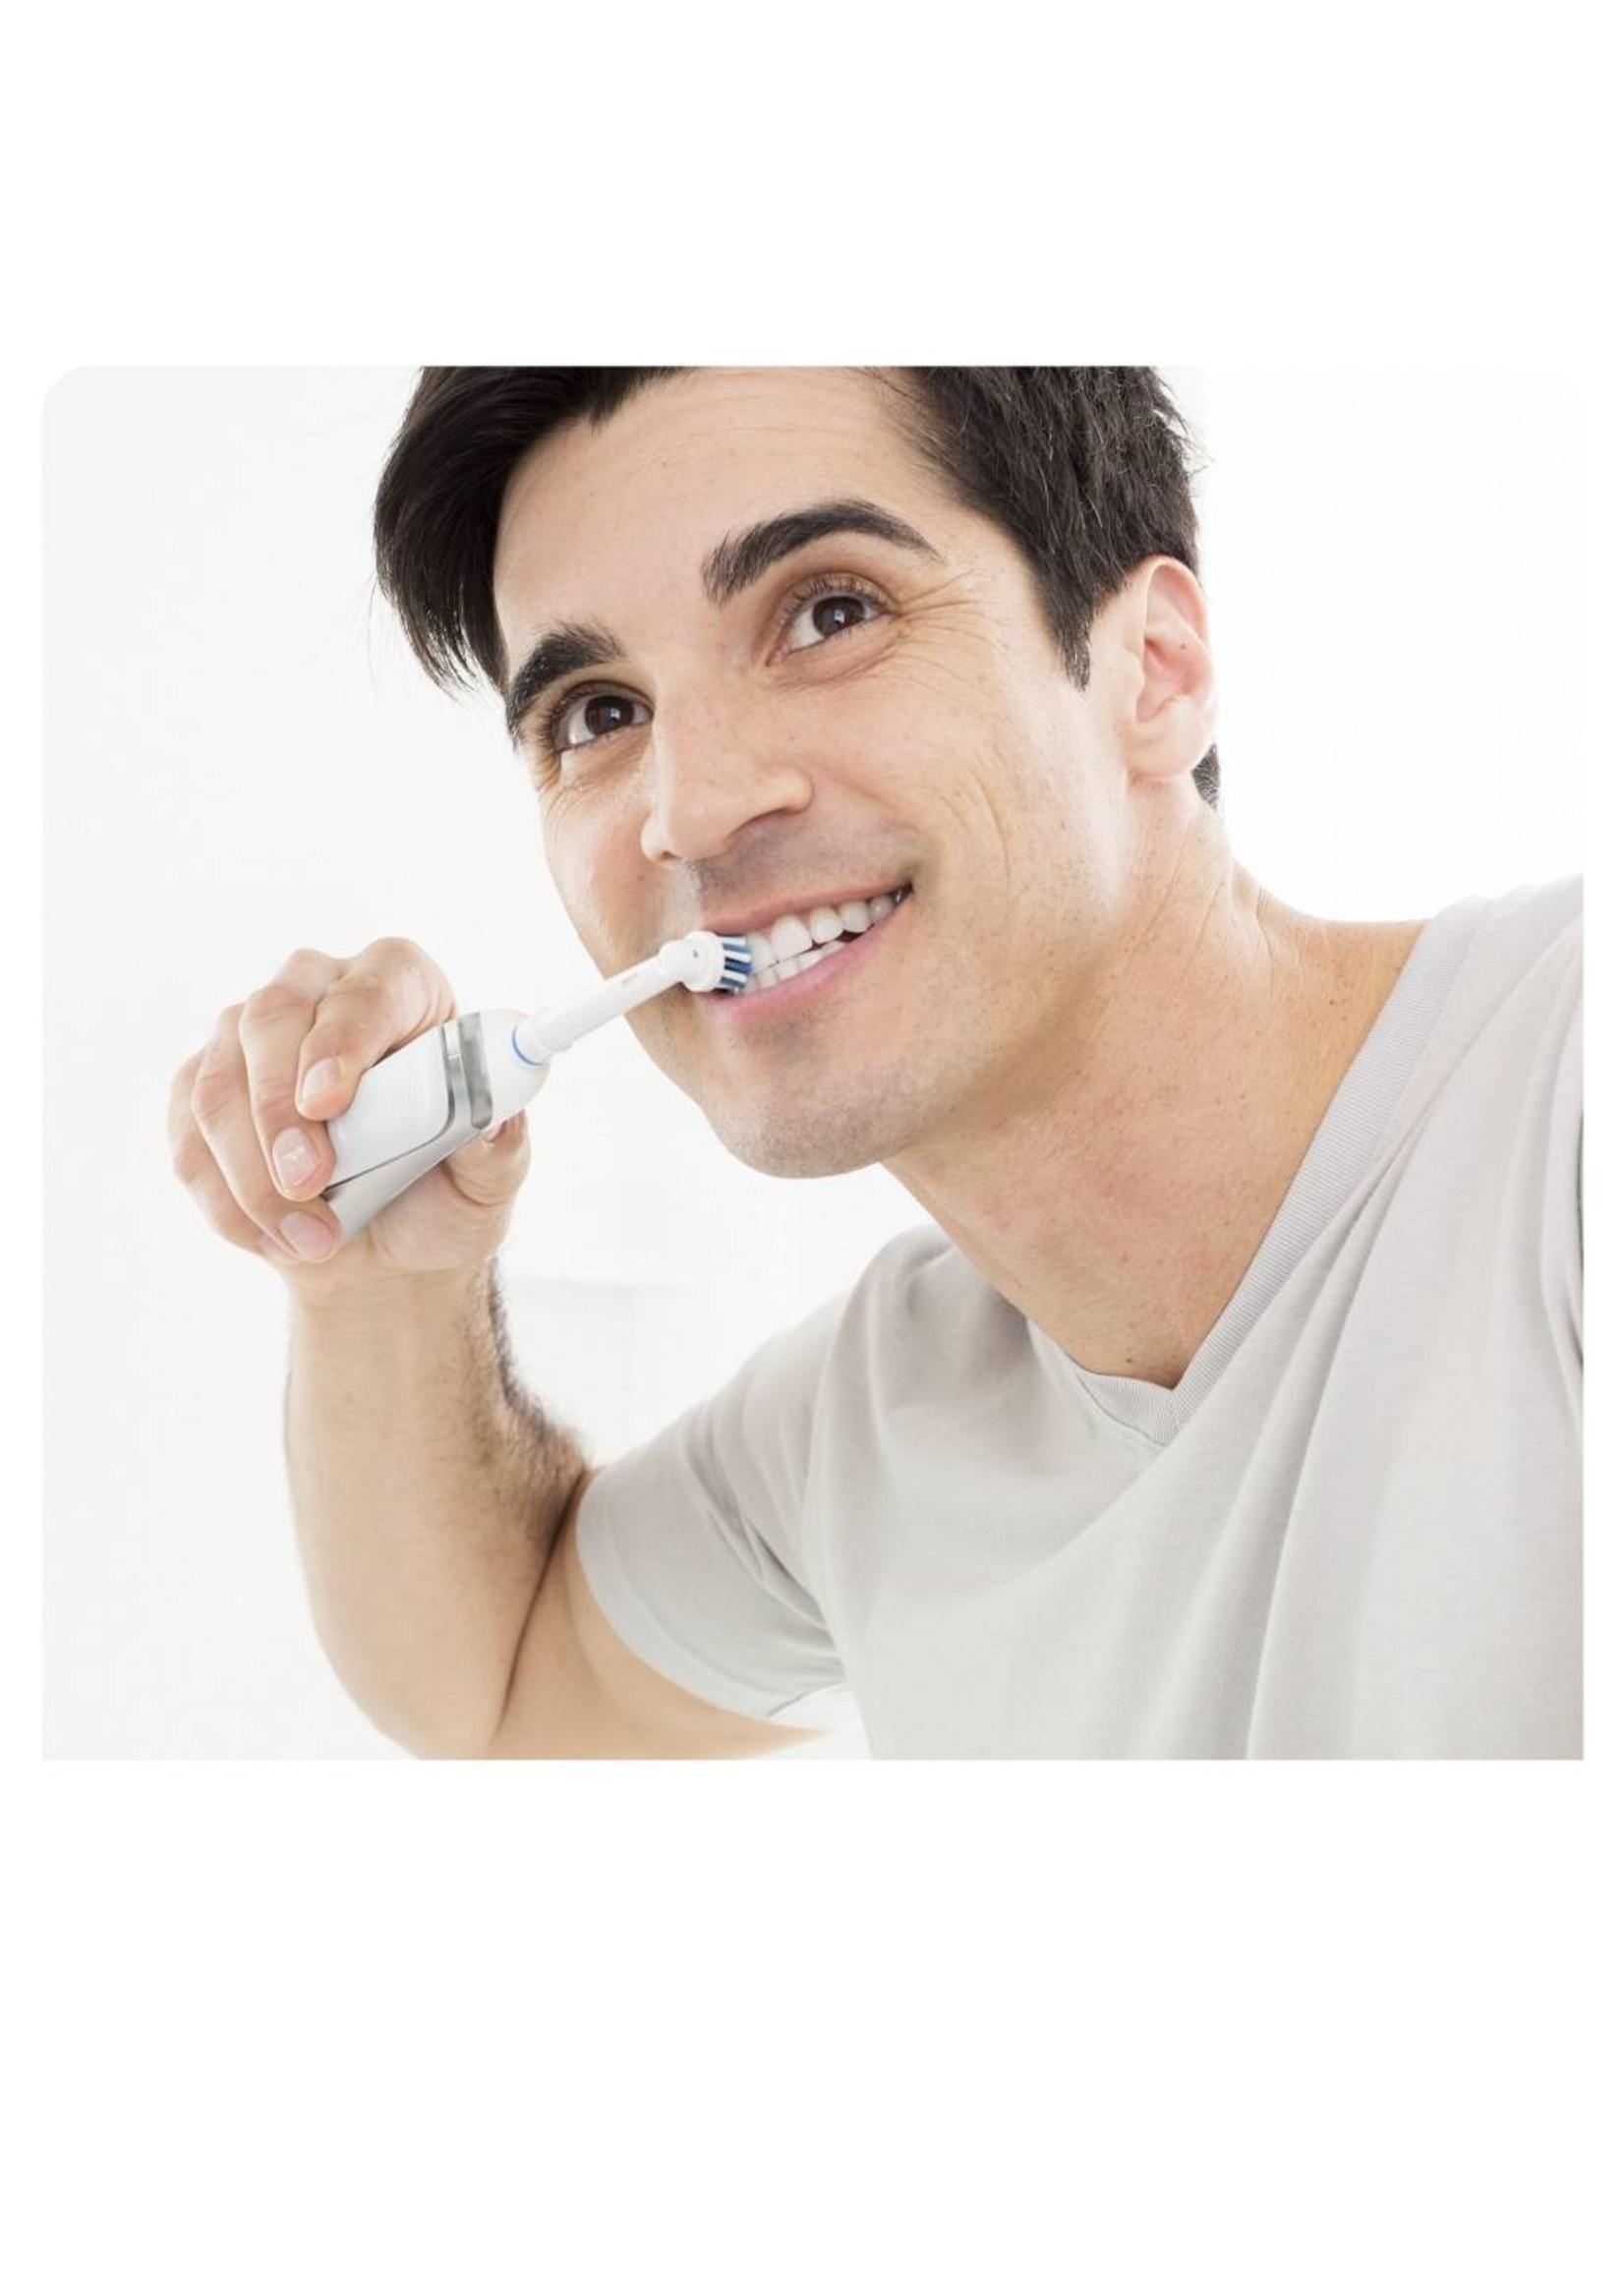 Oral-B Oral-B PRO 2900 Elektrische Tandenborstel 2 stuks zwart